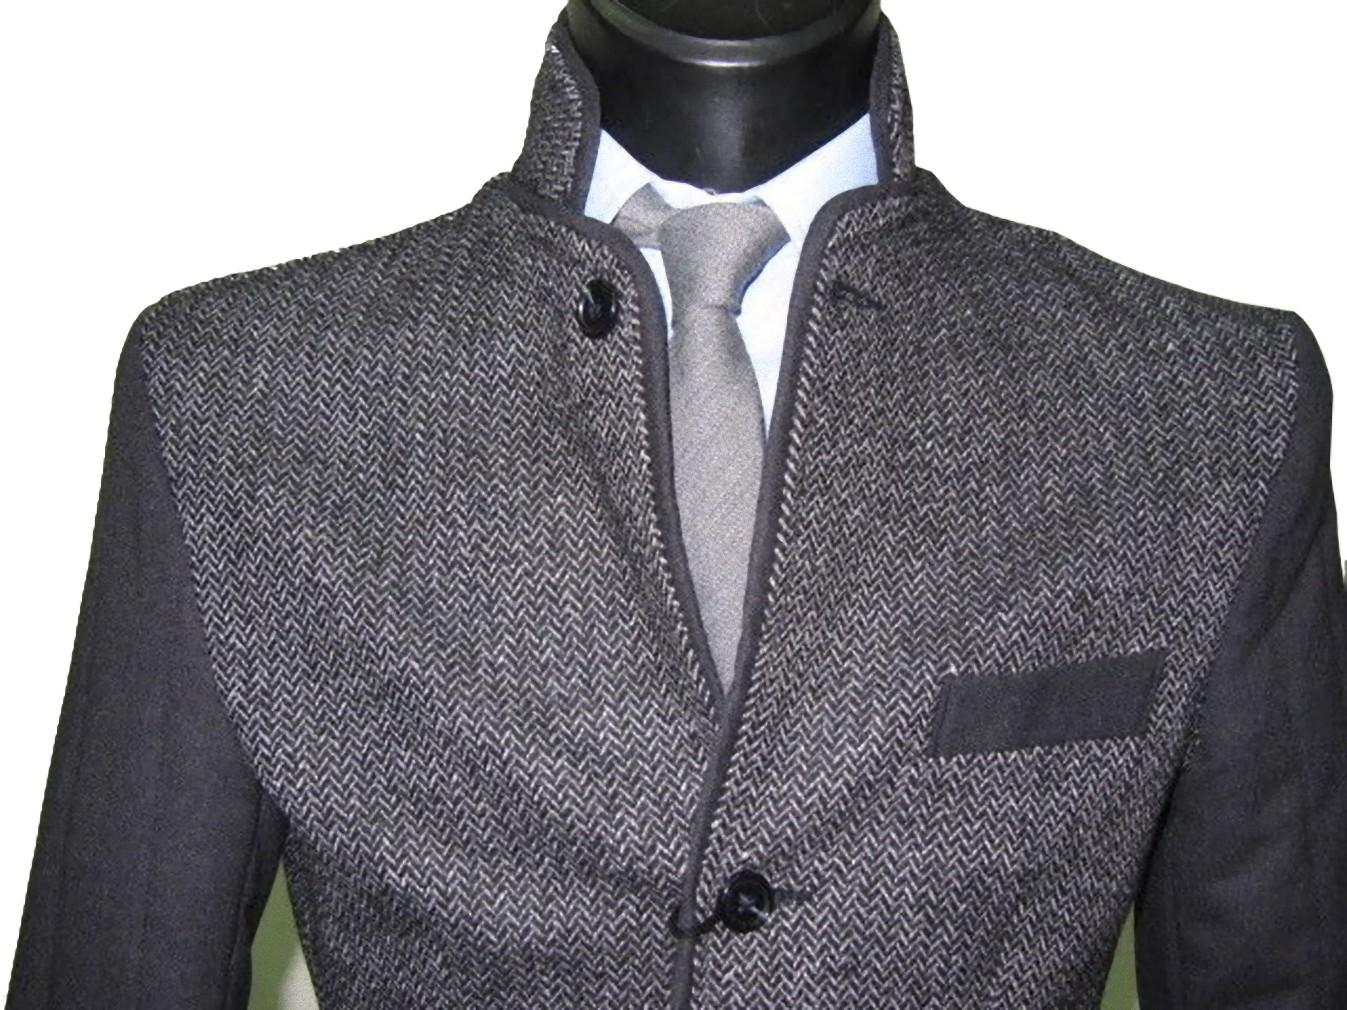 new style 54bdf c36da Bifulco Abbigliamento : Abbigliamento Uomo Donna Online ...